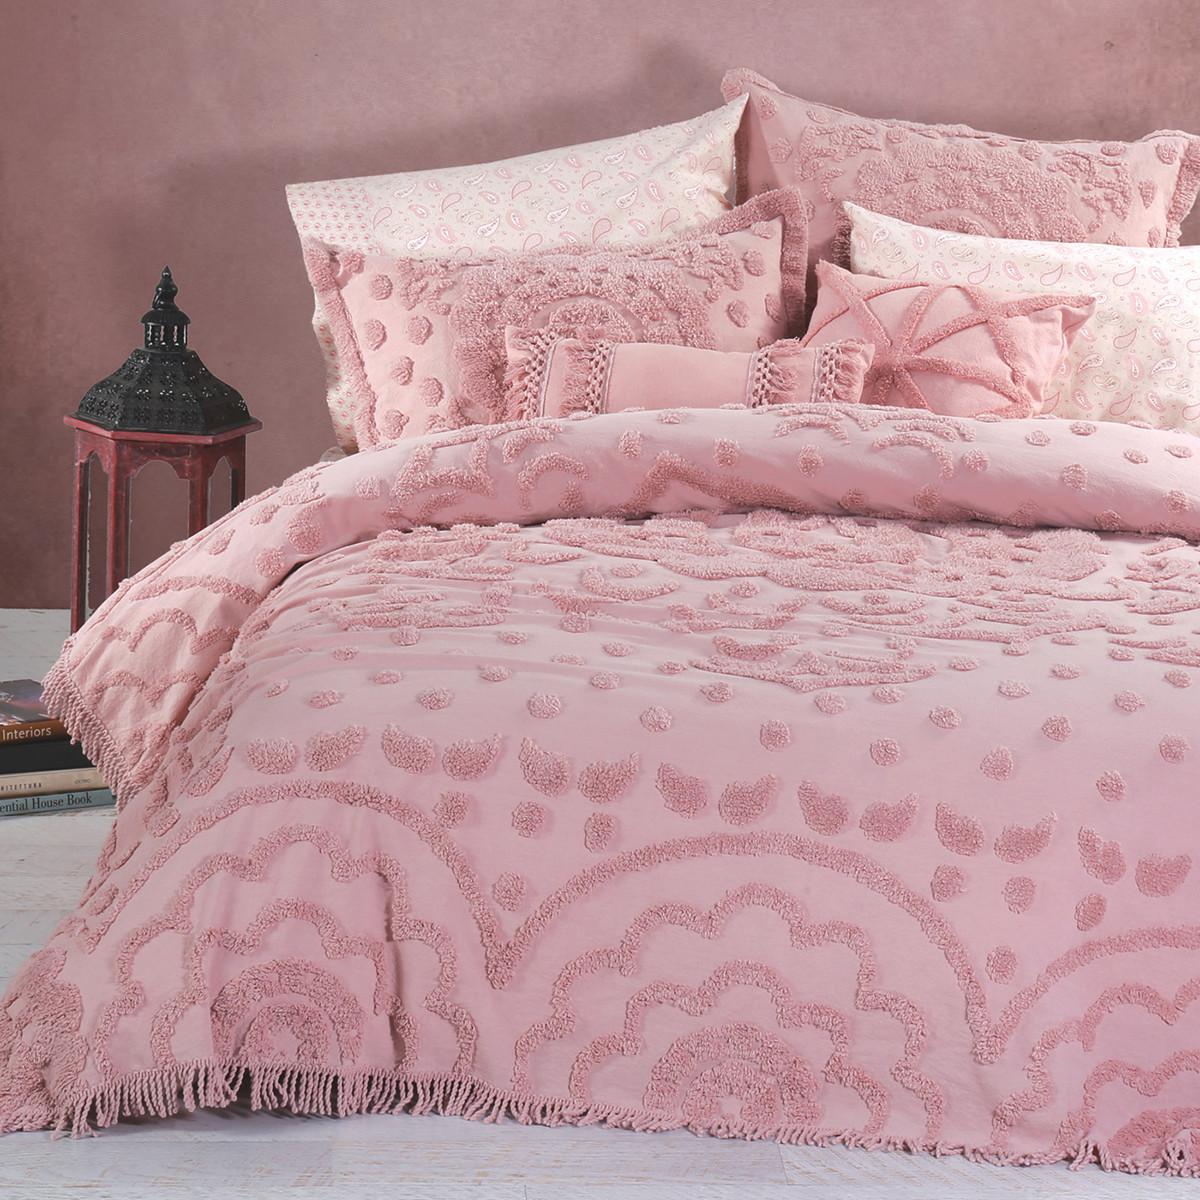 Κουβερτόριο Υπέρδιπλο Nef-Nef Sienna Pink home   κρεβατοκάμαρα   κουβέρτες   κουβέρτες καλοκαιρινές υπέρδιπλες